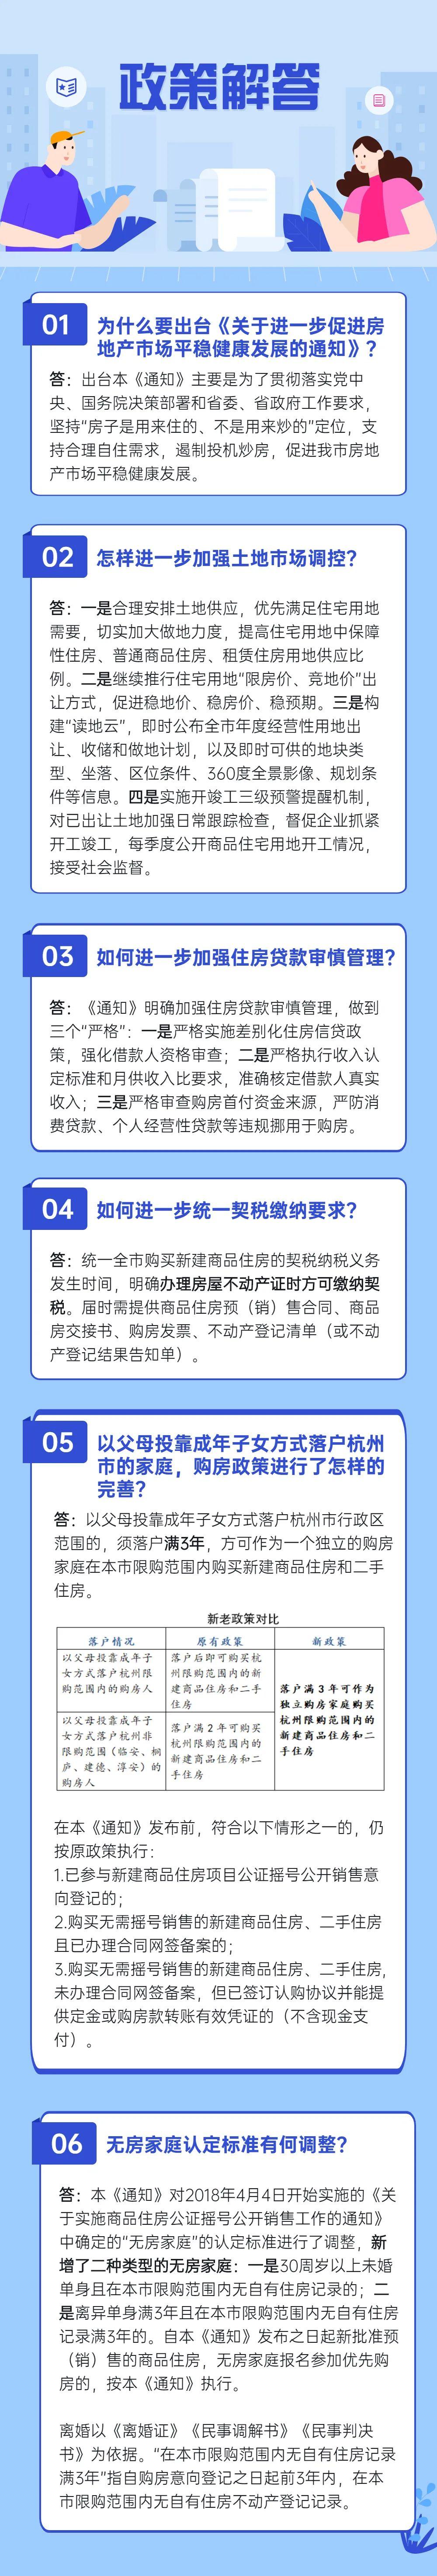 杭州再调控:父母投靠落户3年才能买房,离婚